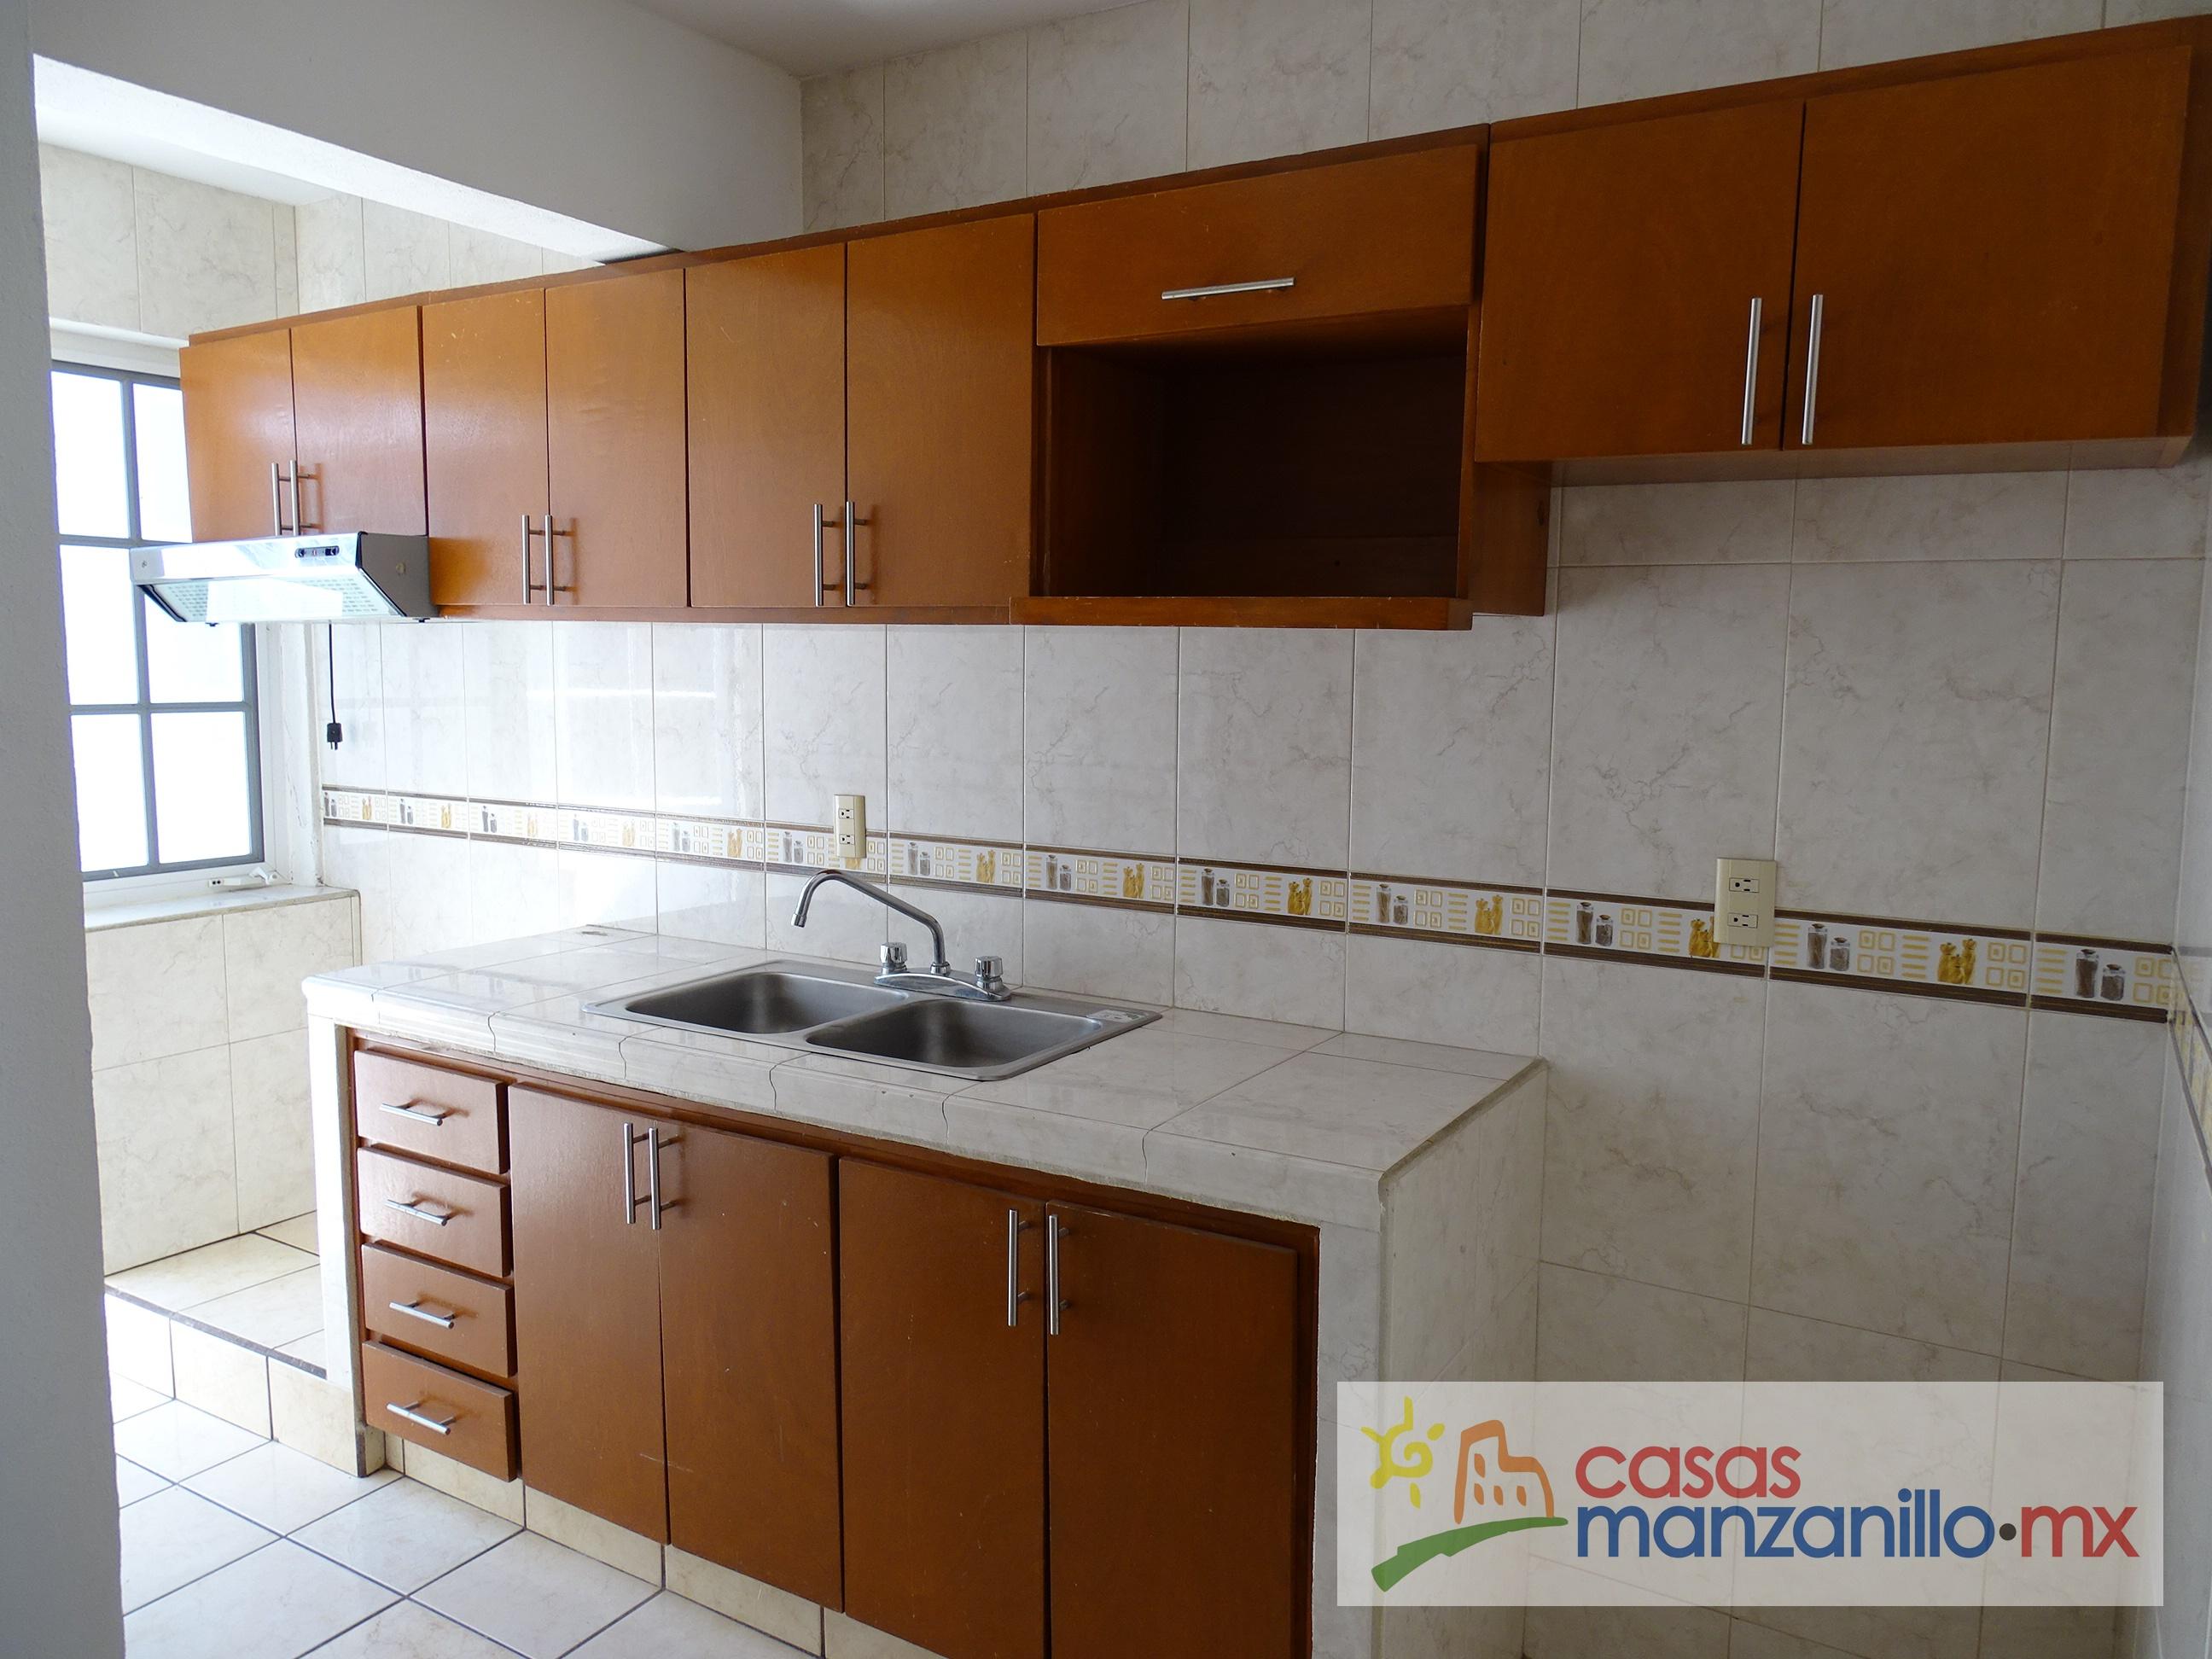 Casas VENTA Manzanillo - La Joya (24)